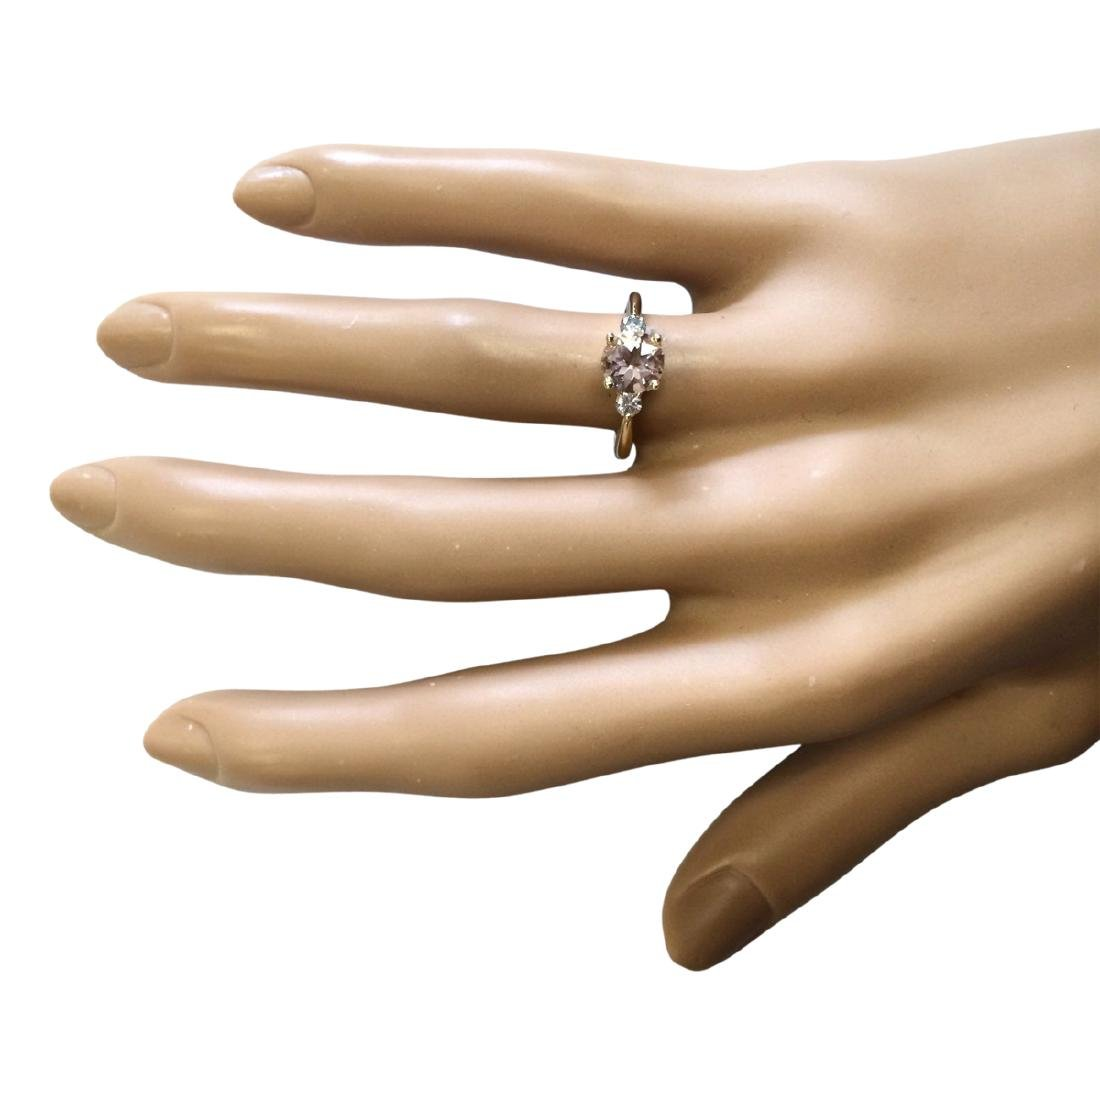 1.20 CTW Natural Morganite And Diamond Ring In 18K - 4